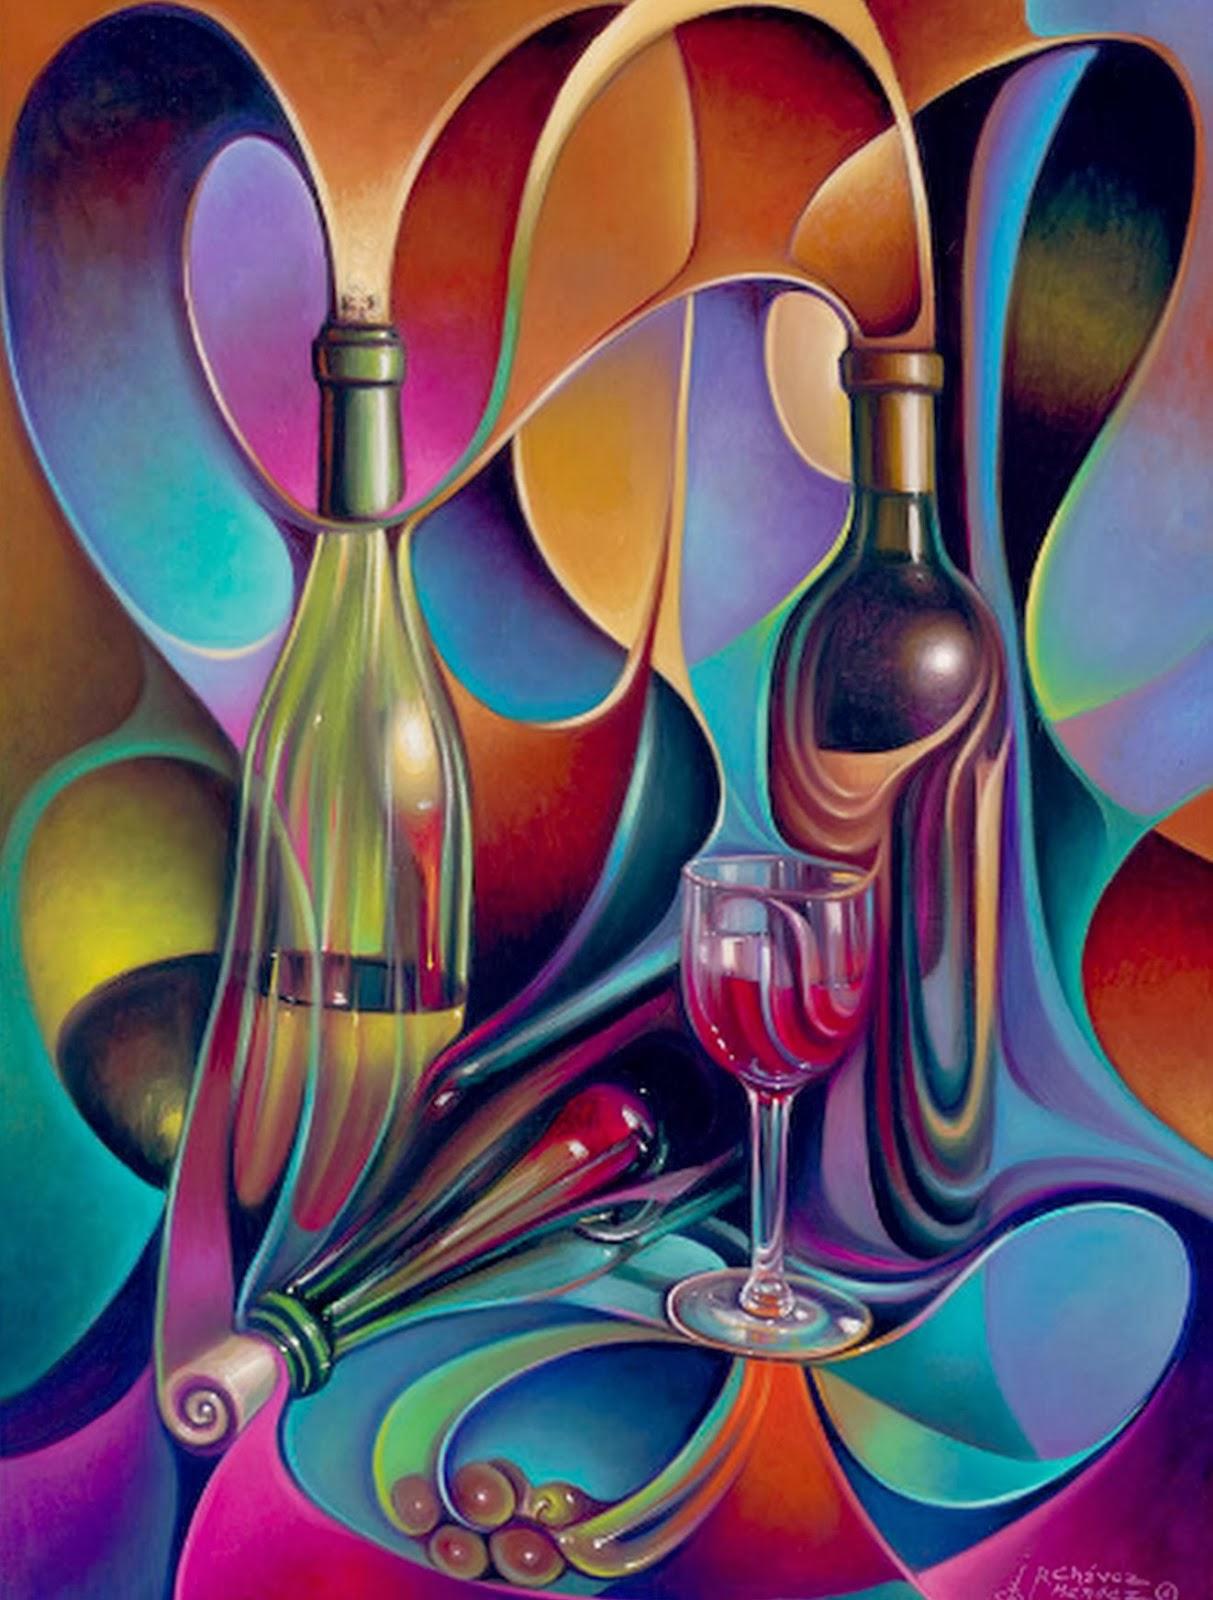 Pinturas cuadros lienzos bodegones modernos y decorativos - Pintura comedor moderno ...